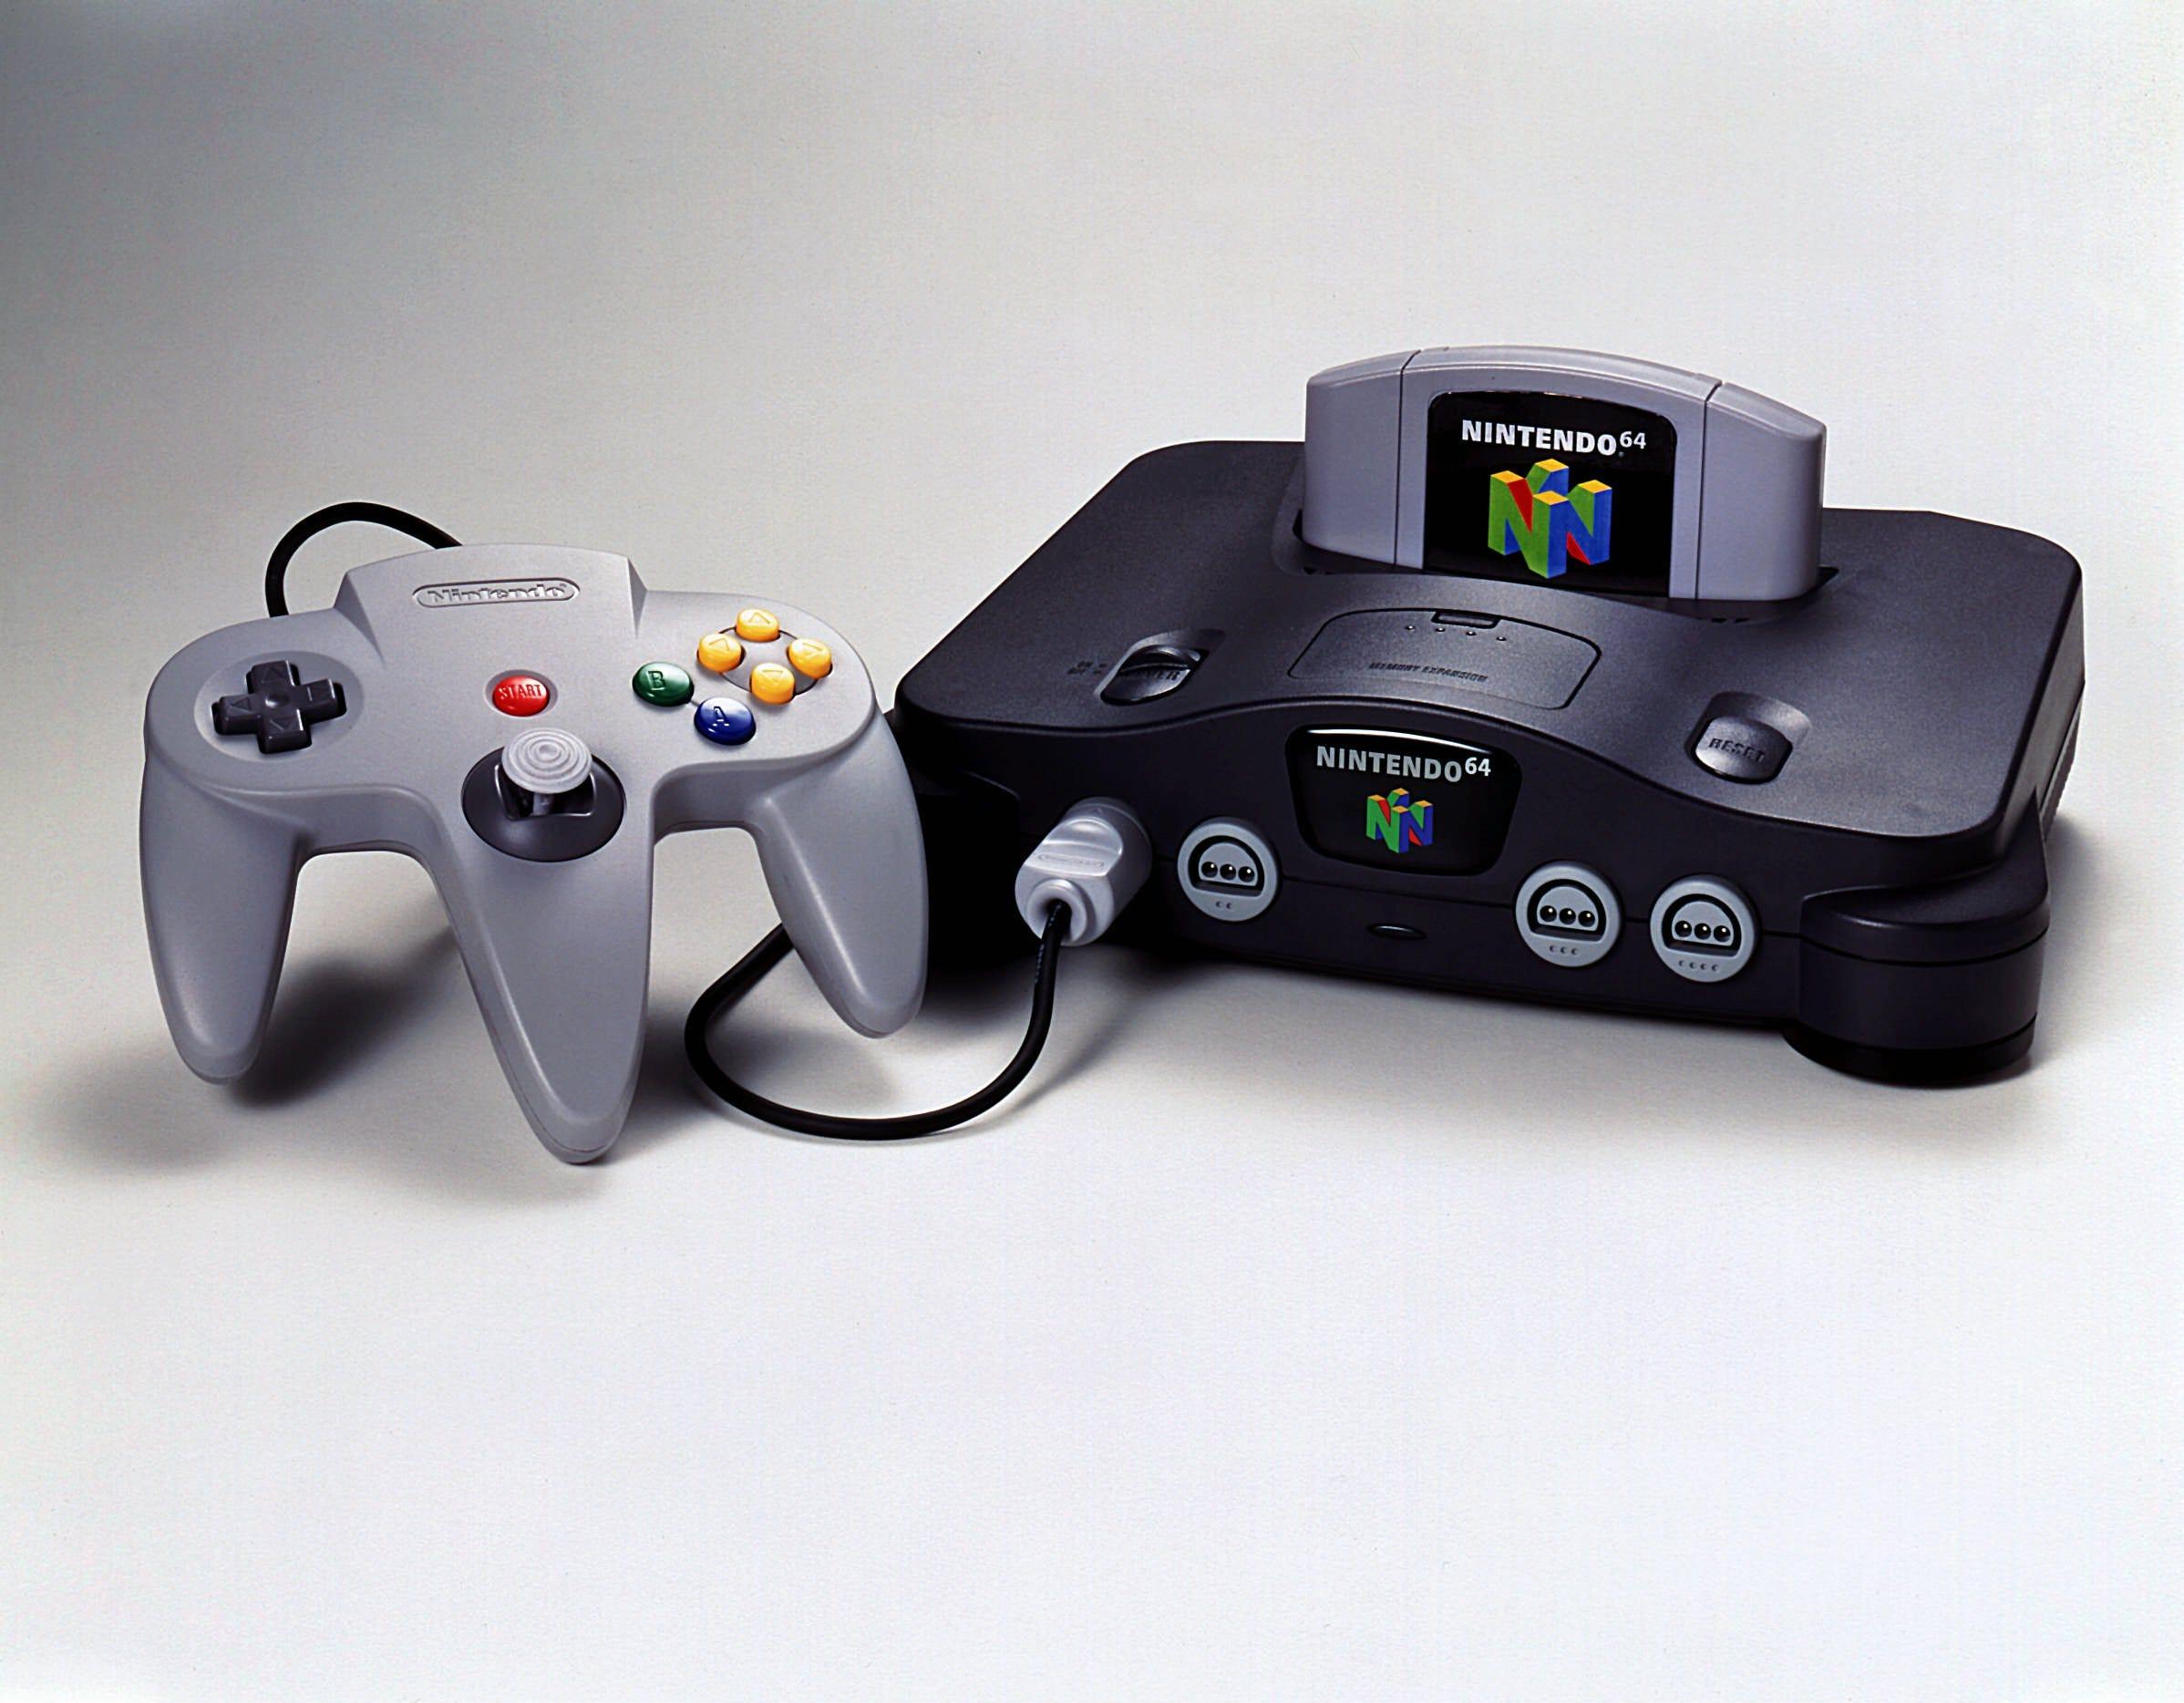 Nintendo 64 at 25